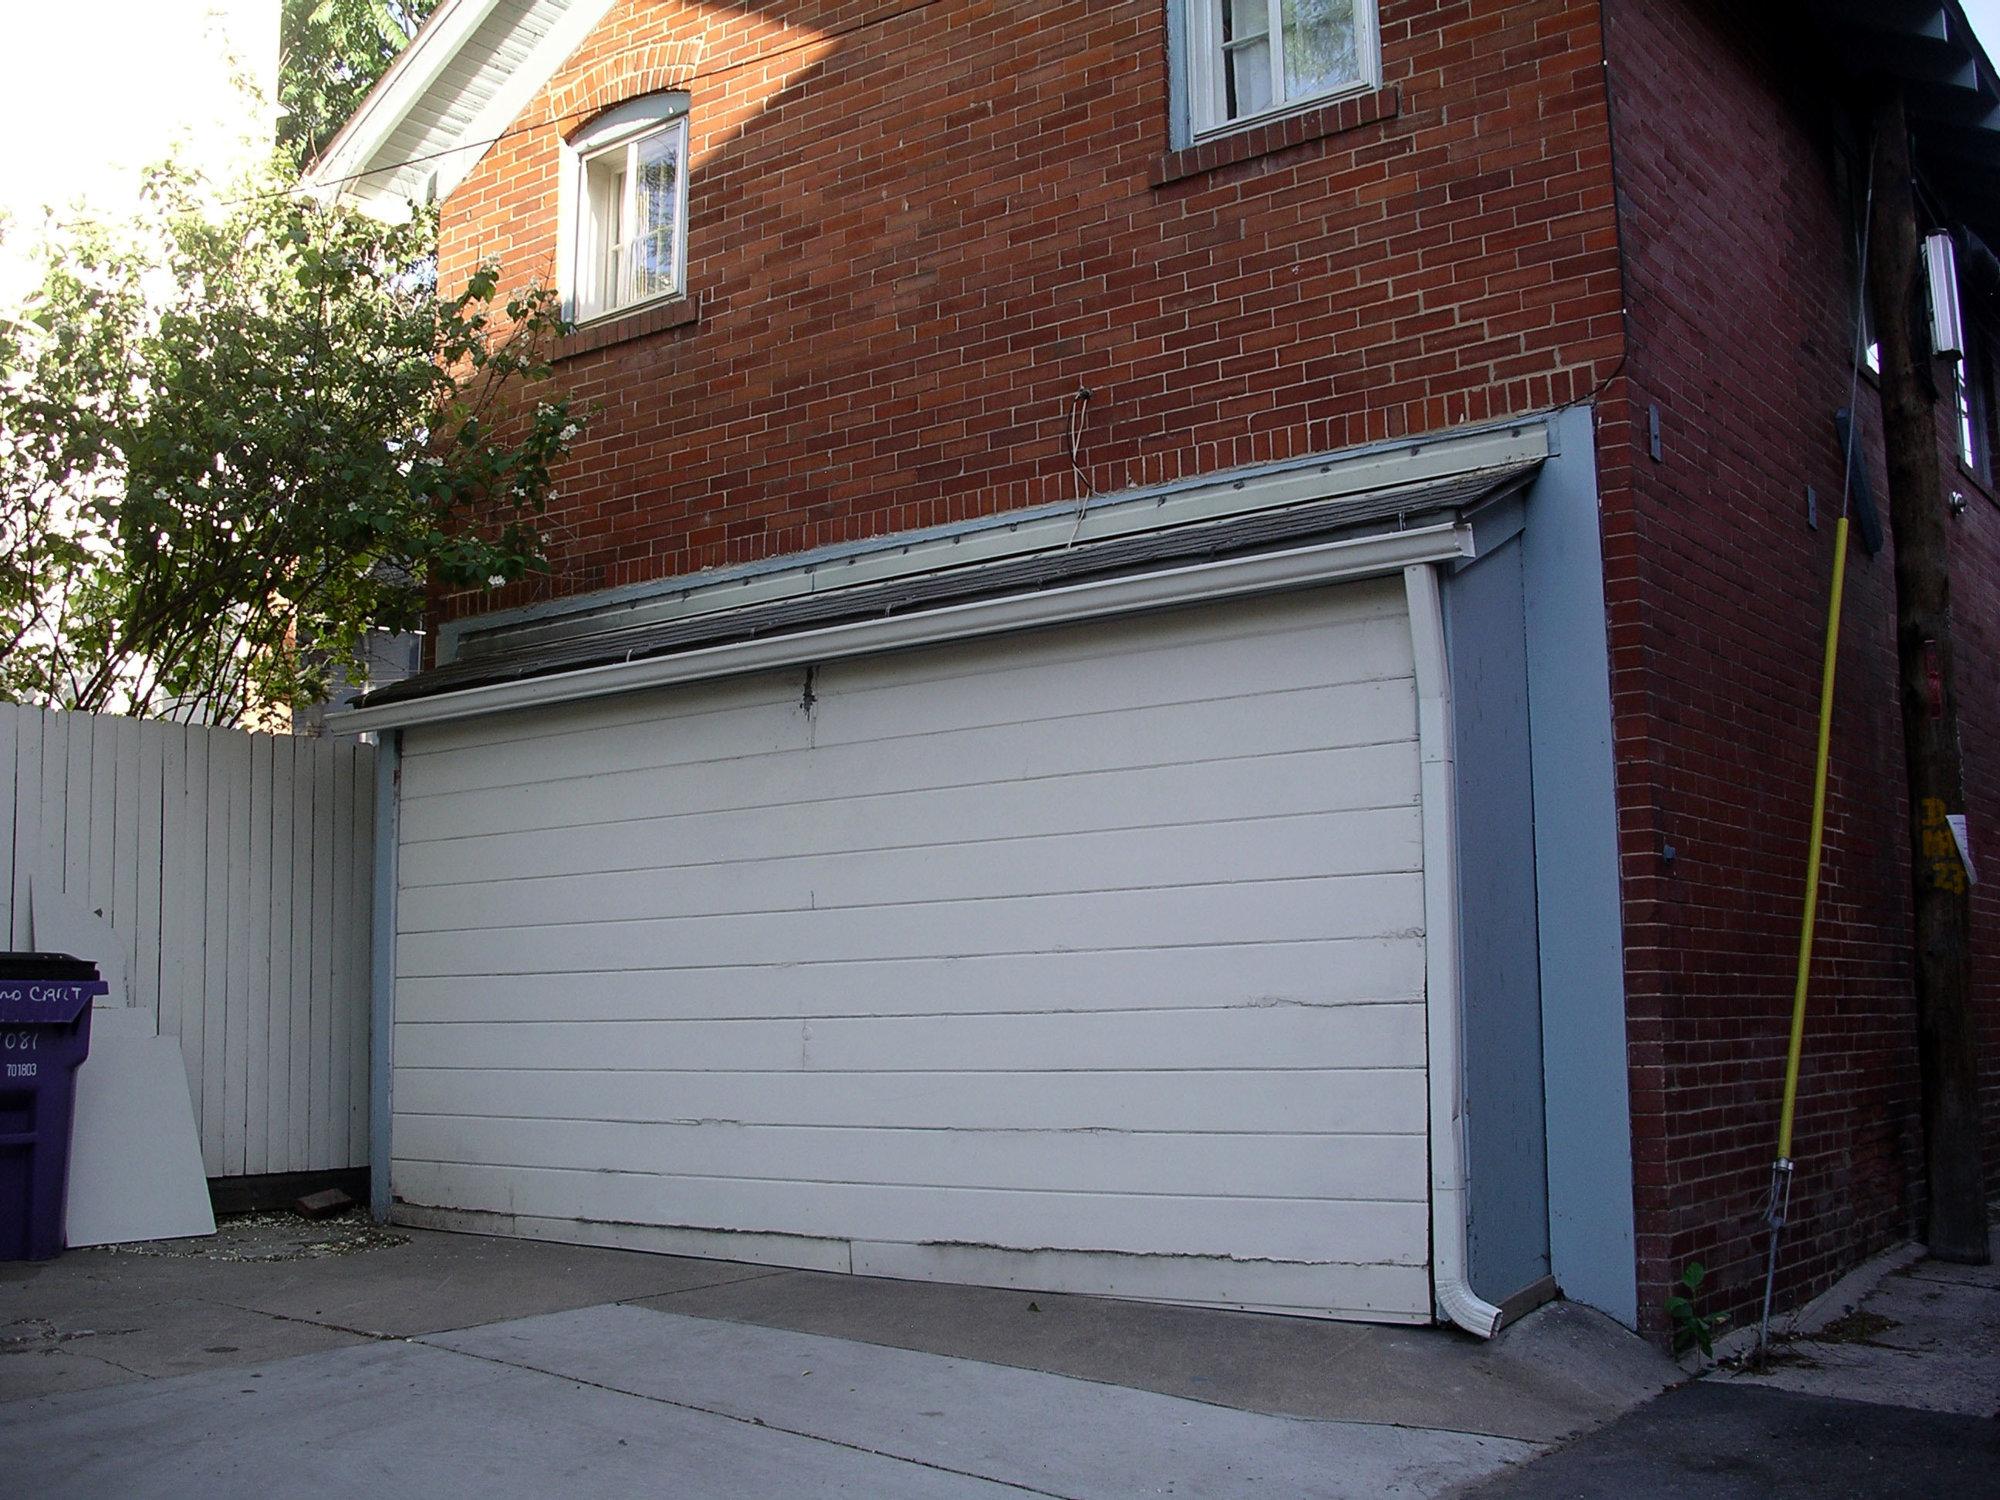 Fancy-Garage-Door-Extender-80-About-Remodel-Nice-Home-Interior-Ideas-with-Garage-Door-Extender.jpg